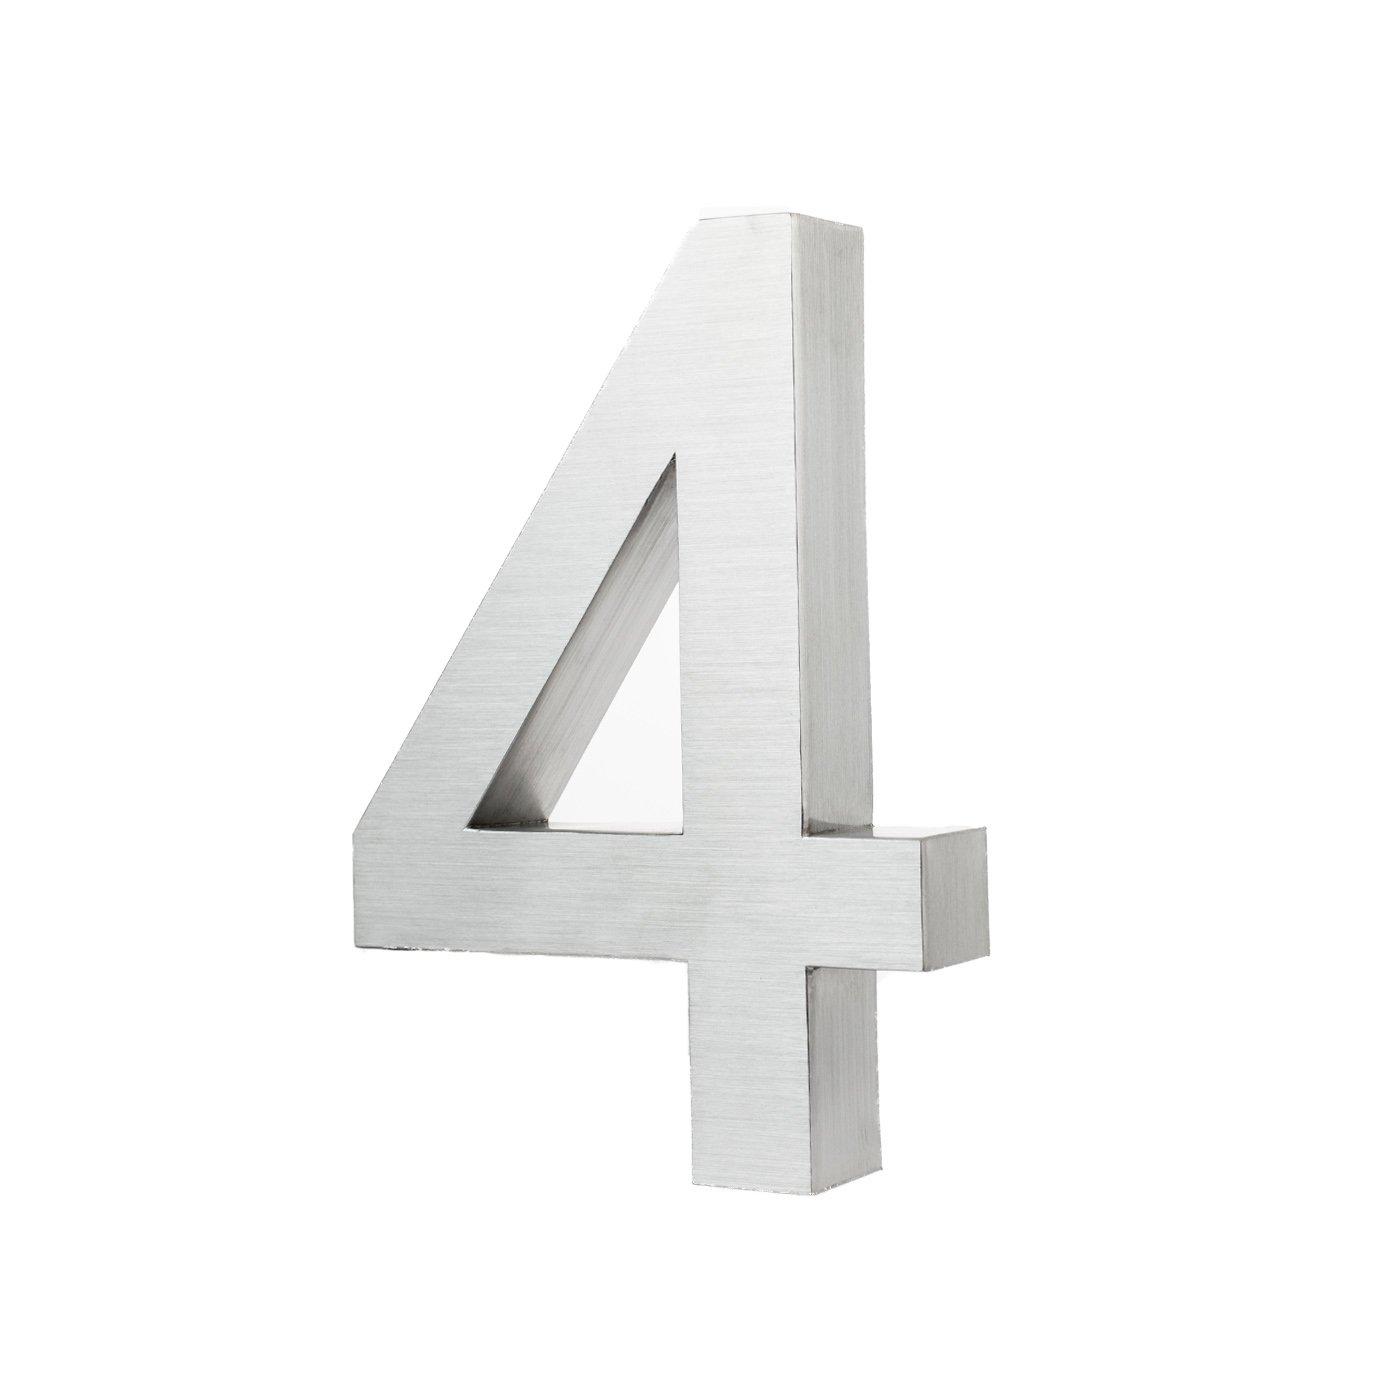 3D-Hausnummer 6 aus Edelstahl rostfreie /& witterungsbest/ändige Hausnummern im 3D-Effekt in 20cm Montagematerial Tiefe aus geb/ürstetem Edelstahl inkl V2A H/öhe x 3cm